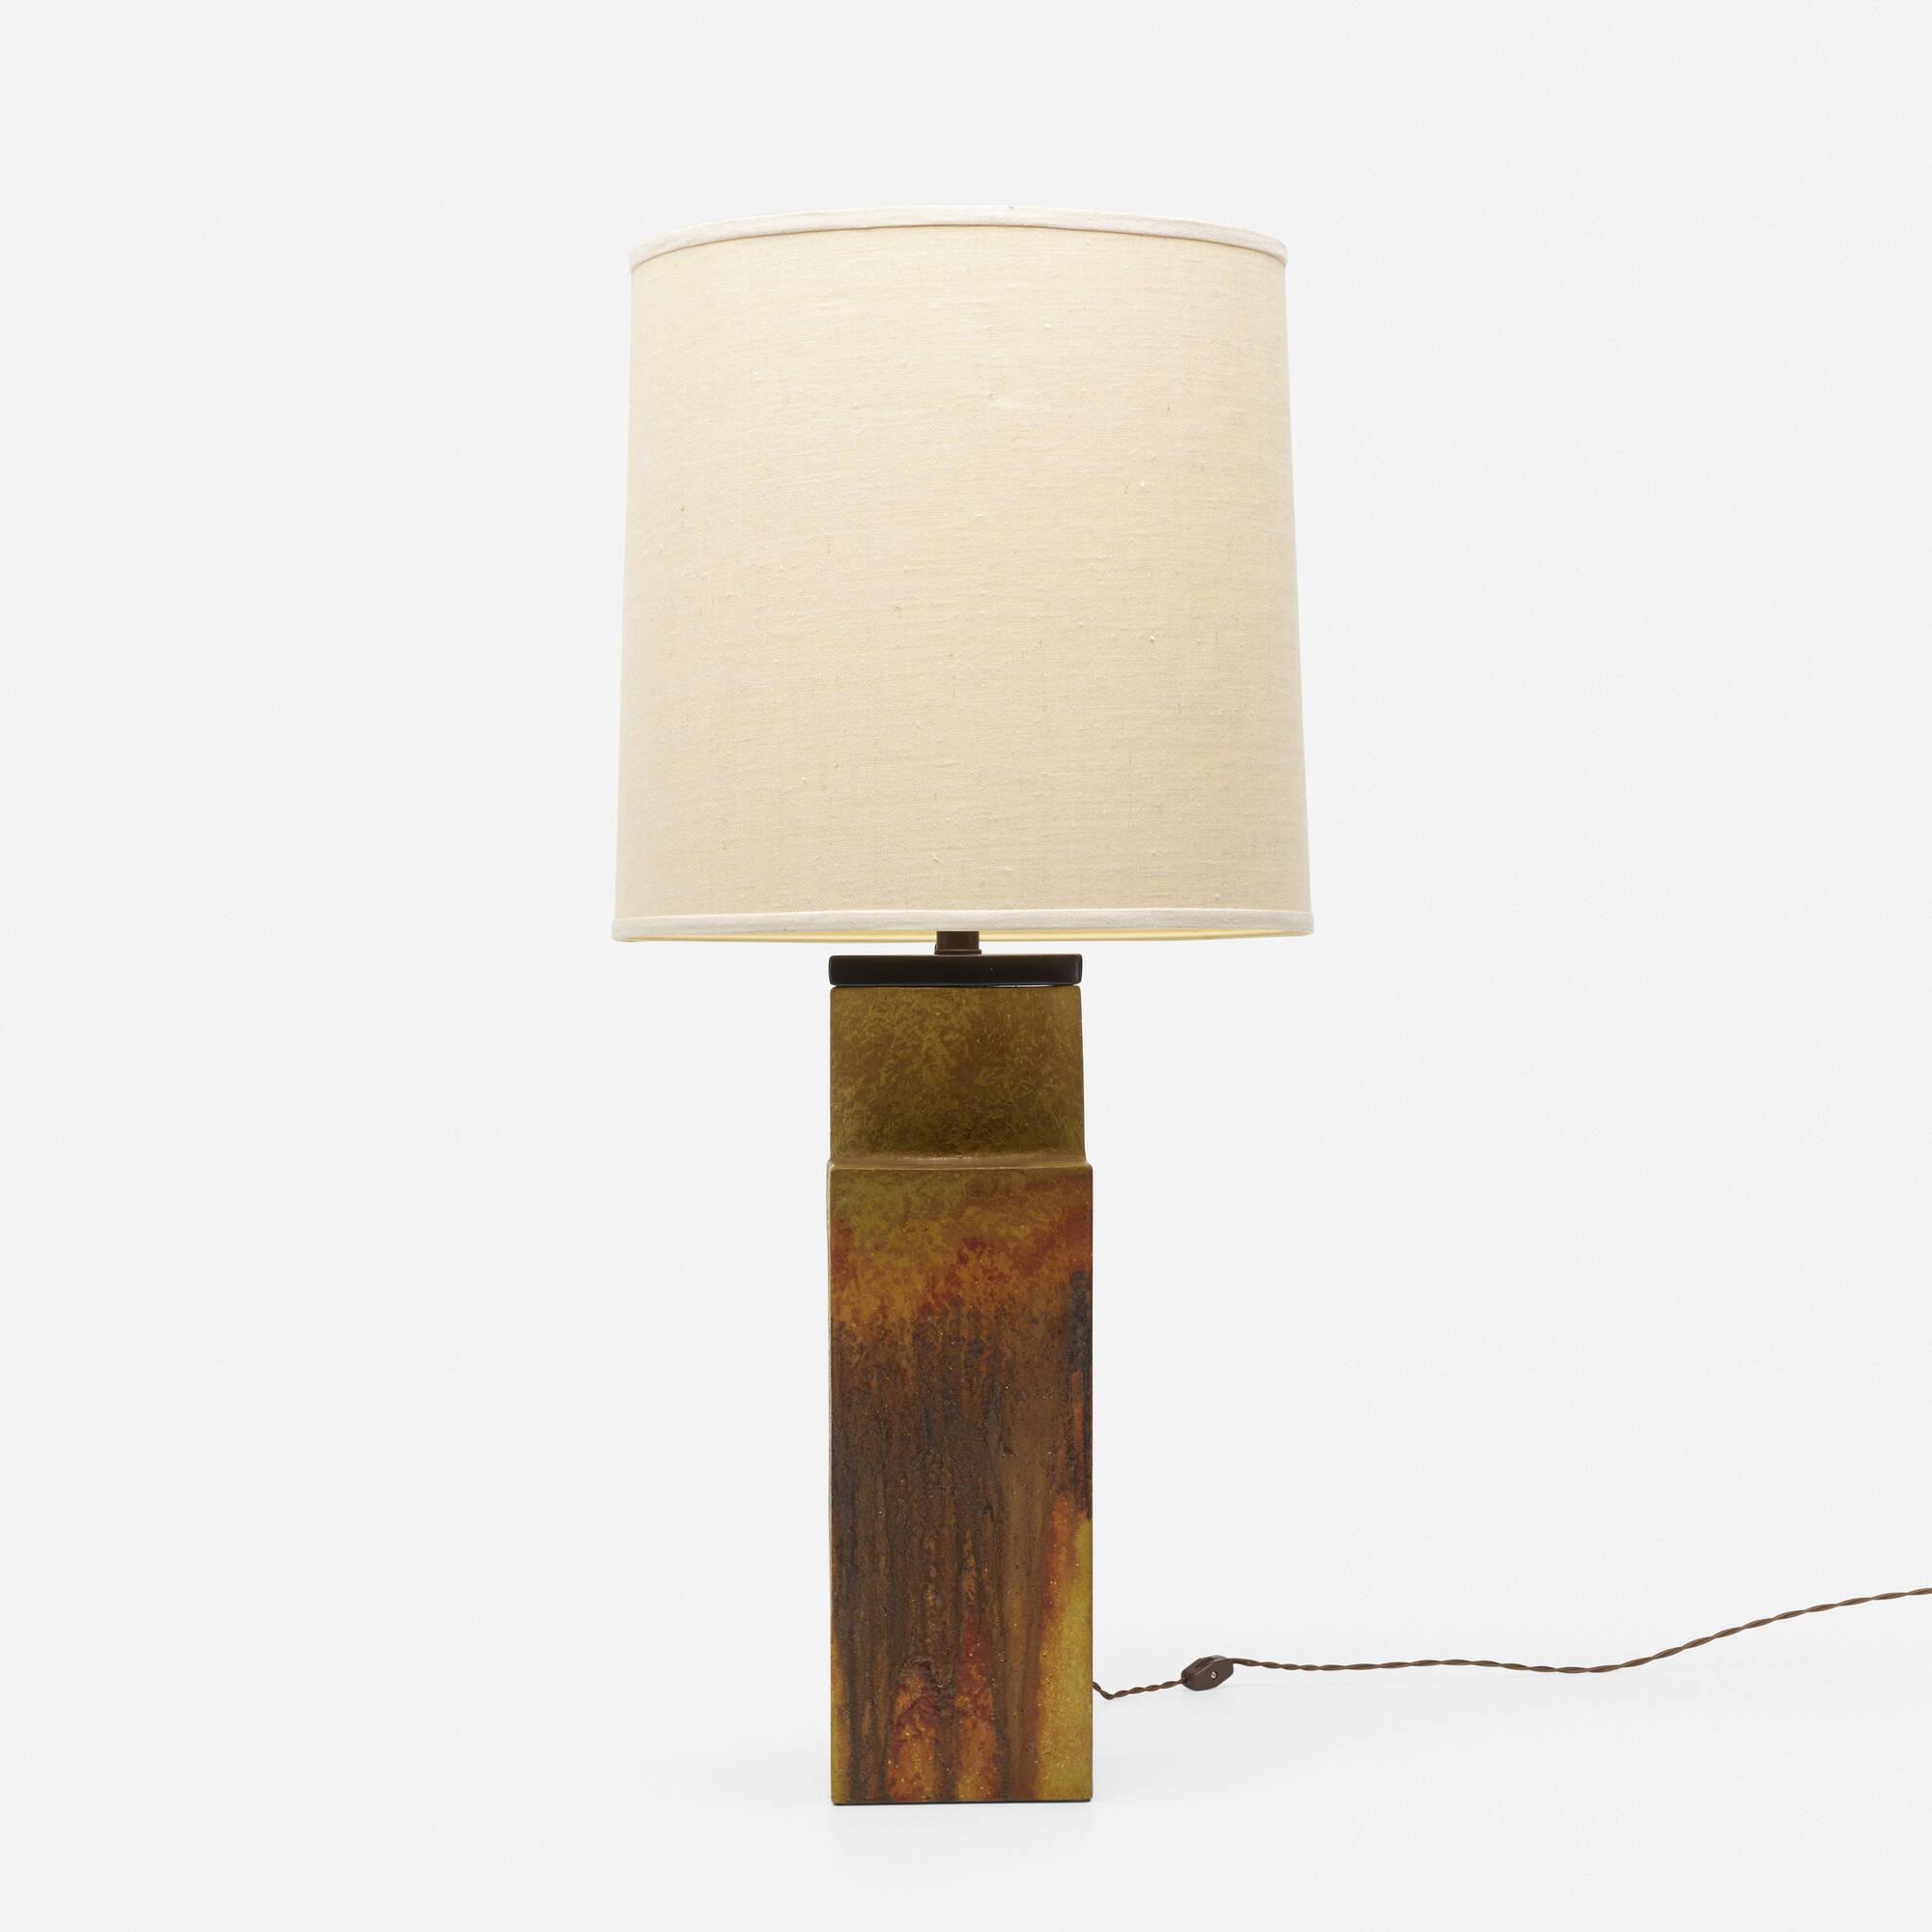 347: Marcello Fantoni / table lamp (2 of 2)